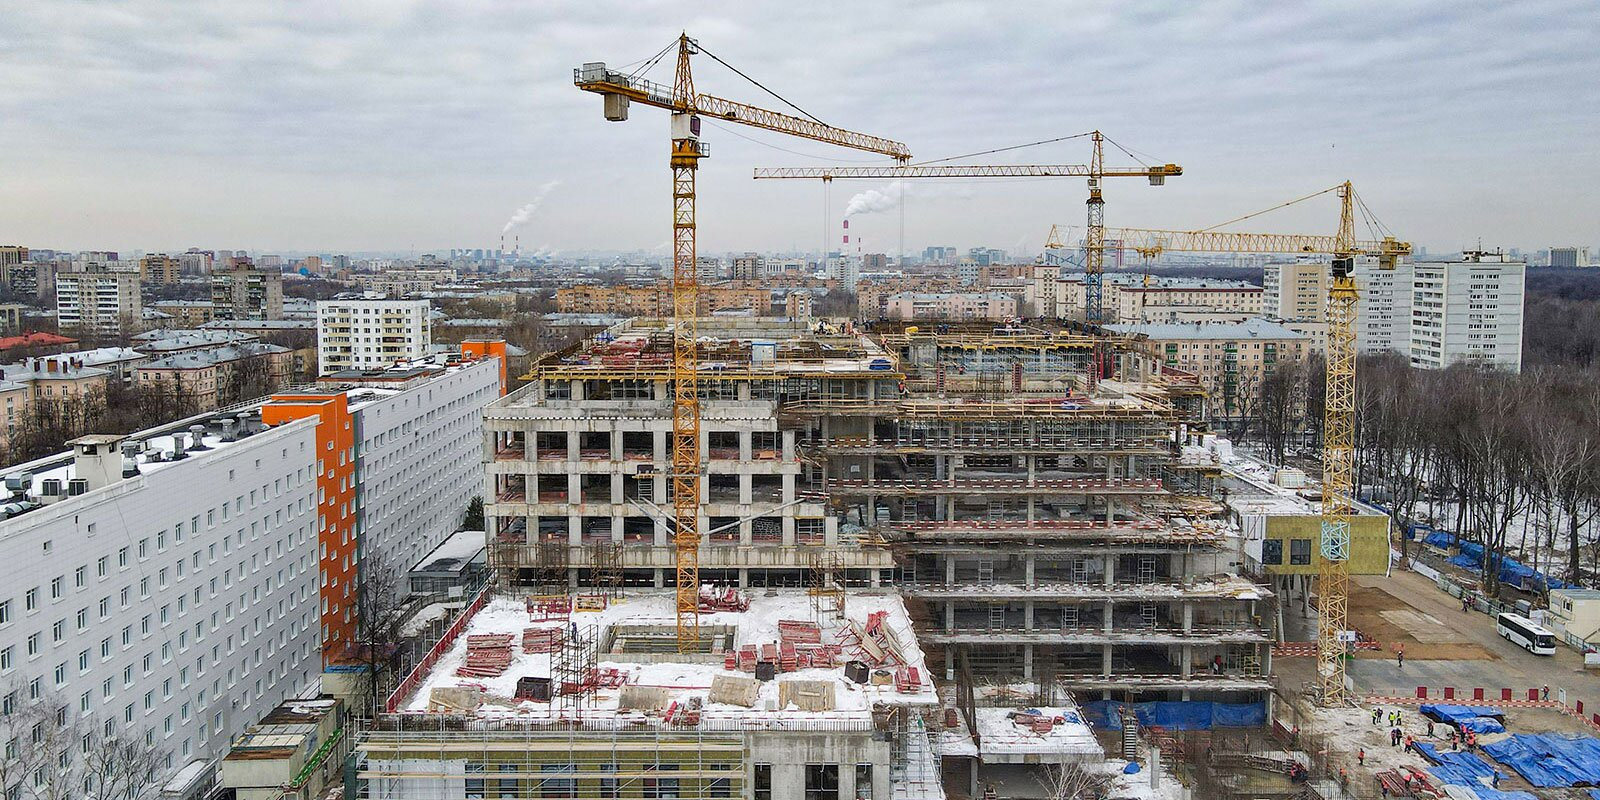 Сергей Собянин рассказал о строительстве медицинских объектов в Москве